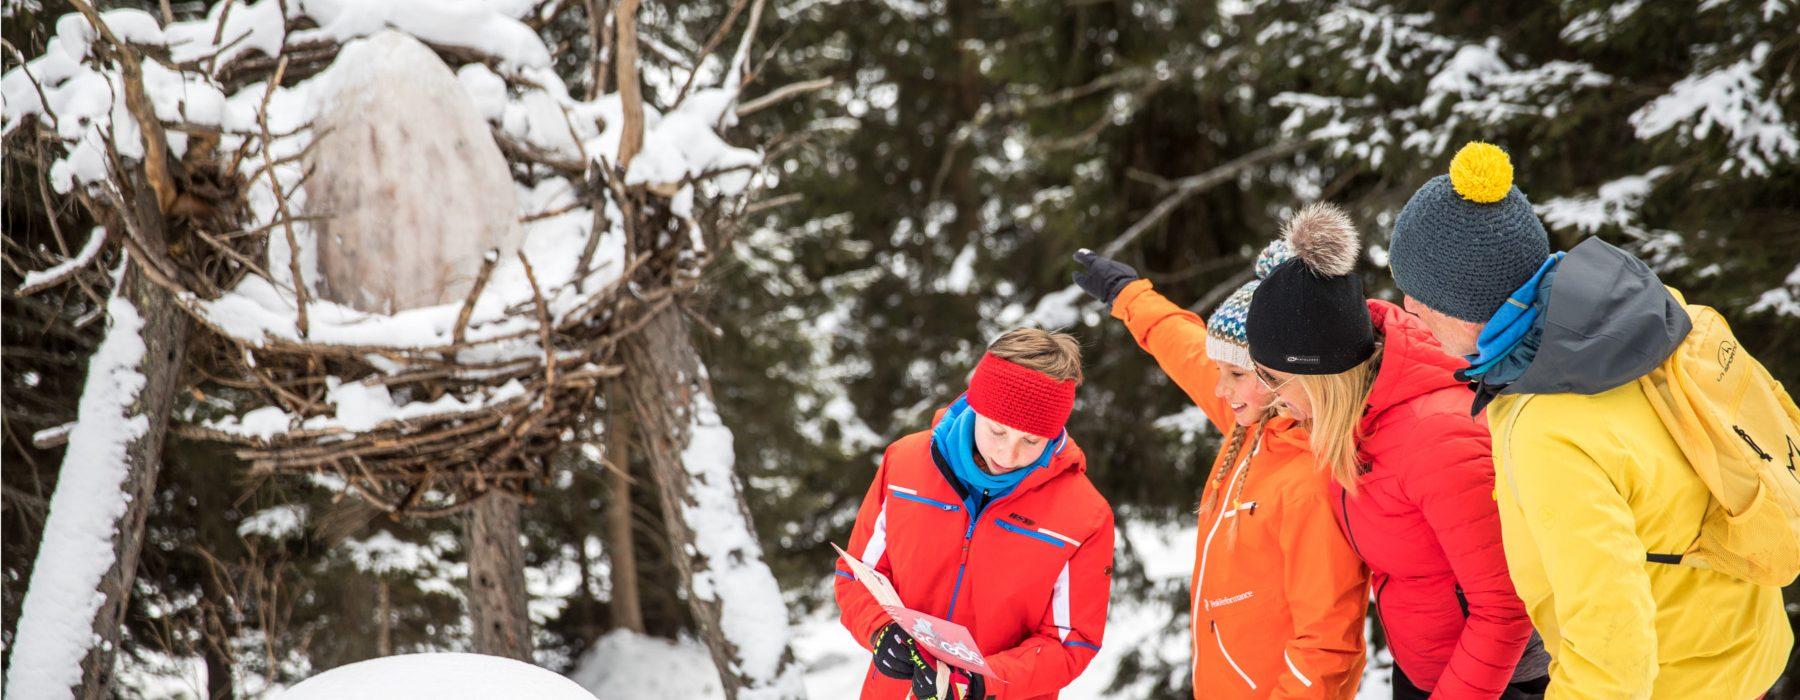 sentiero tematico la foresta-dei-draghi-inverno-predazzo-val-di-fiemme trentino